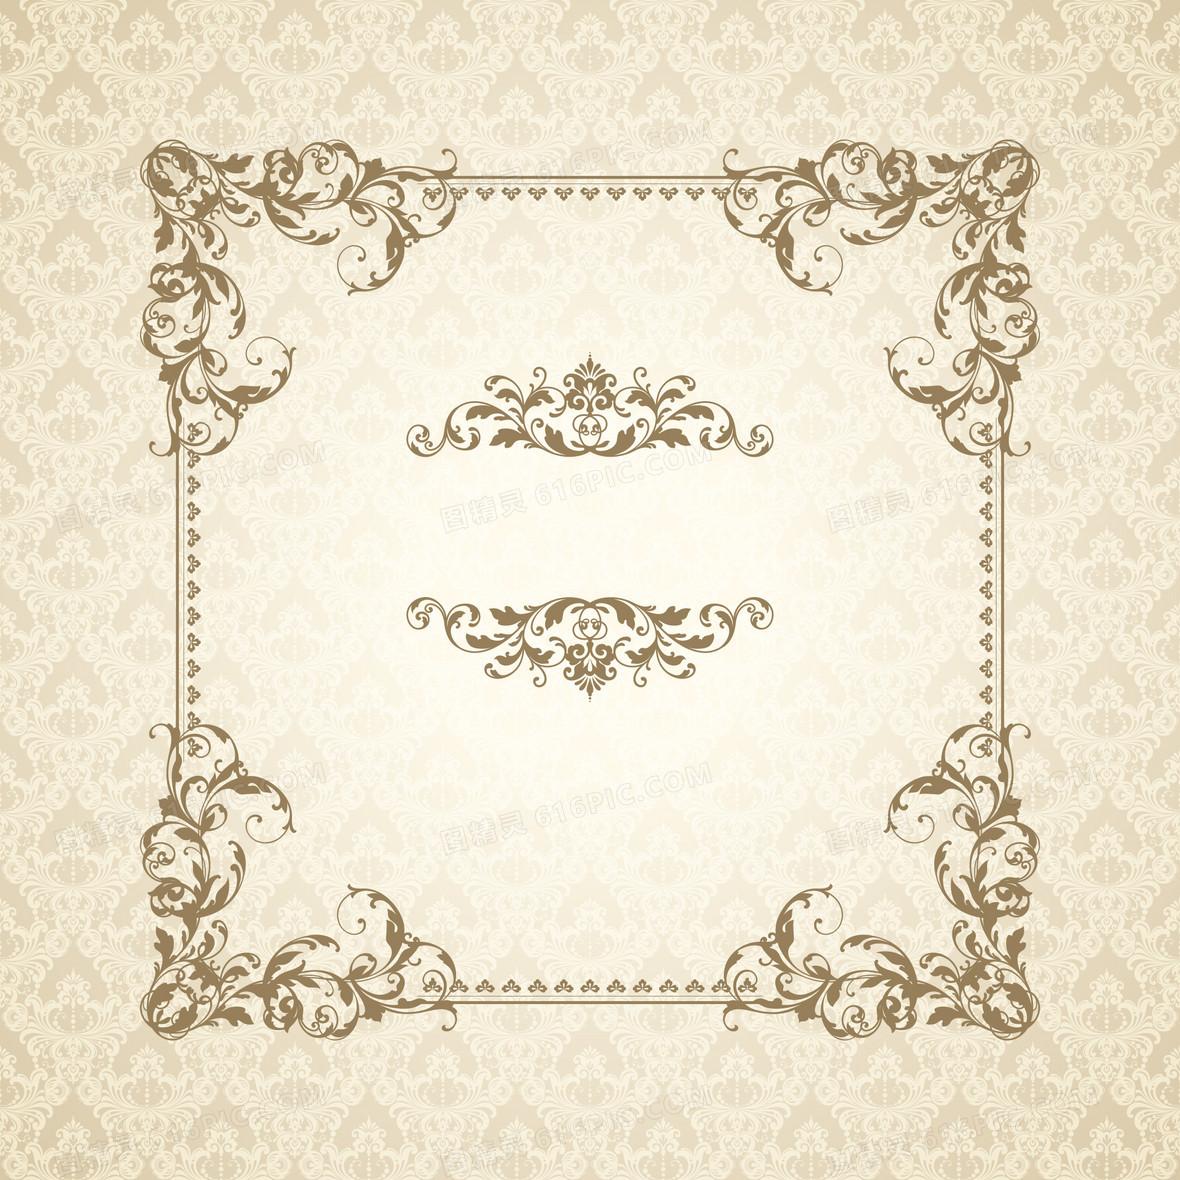 欧式复古花纹边框背景素材